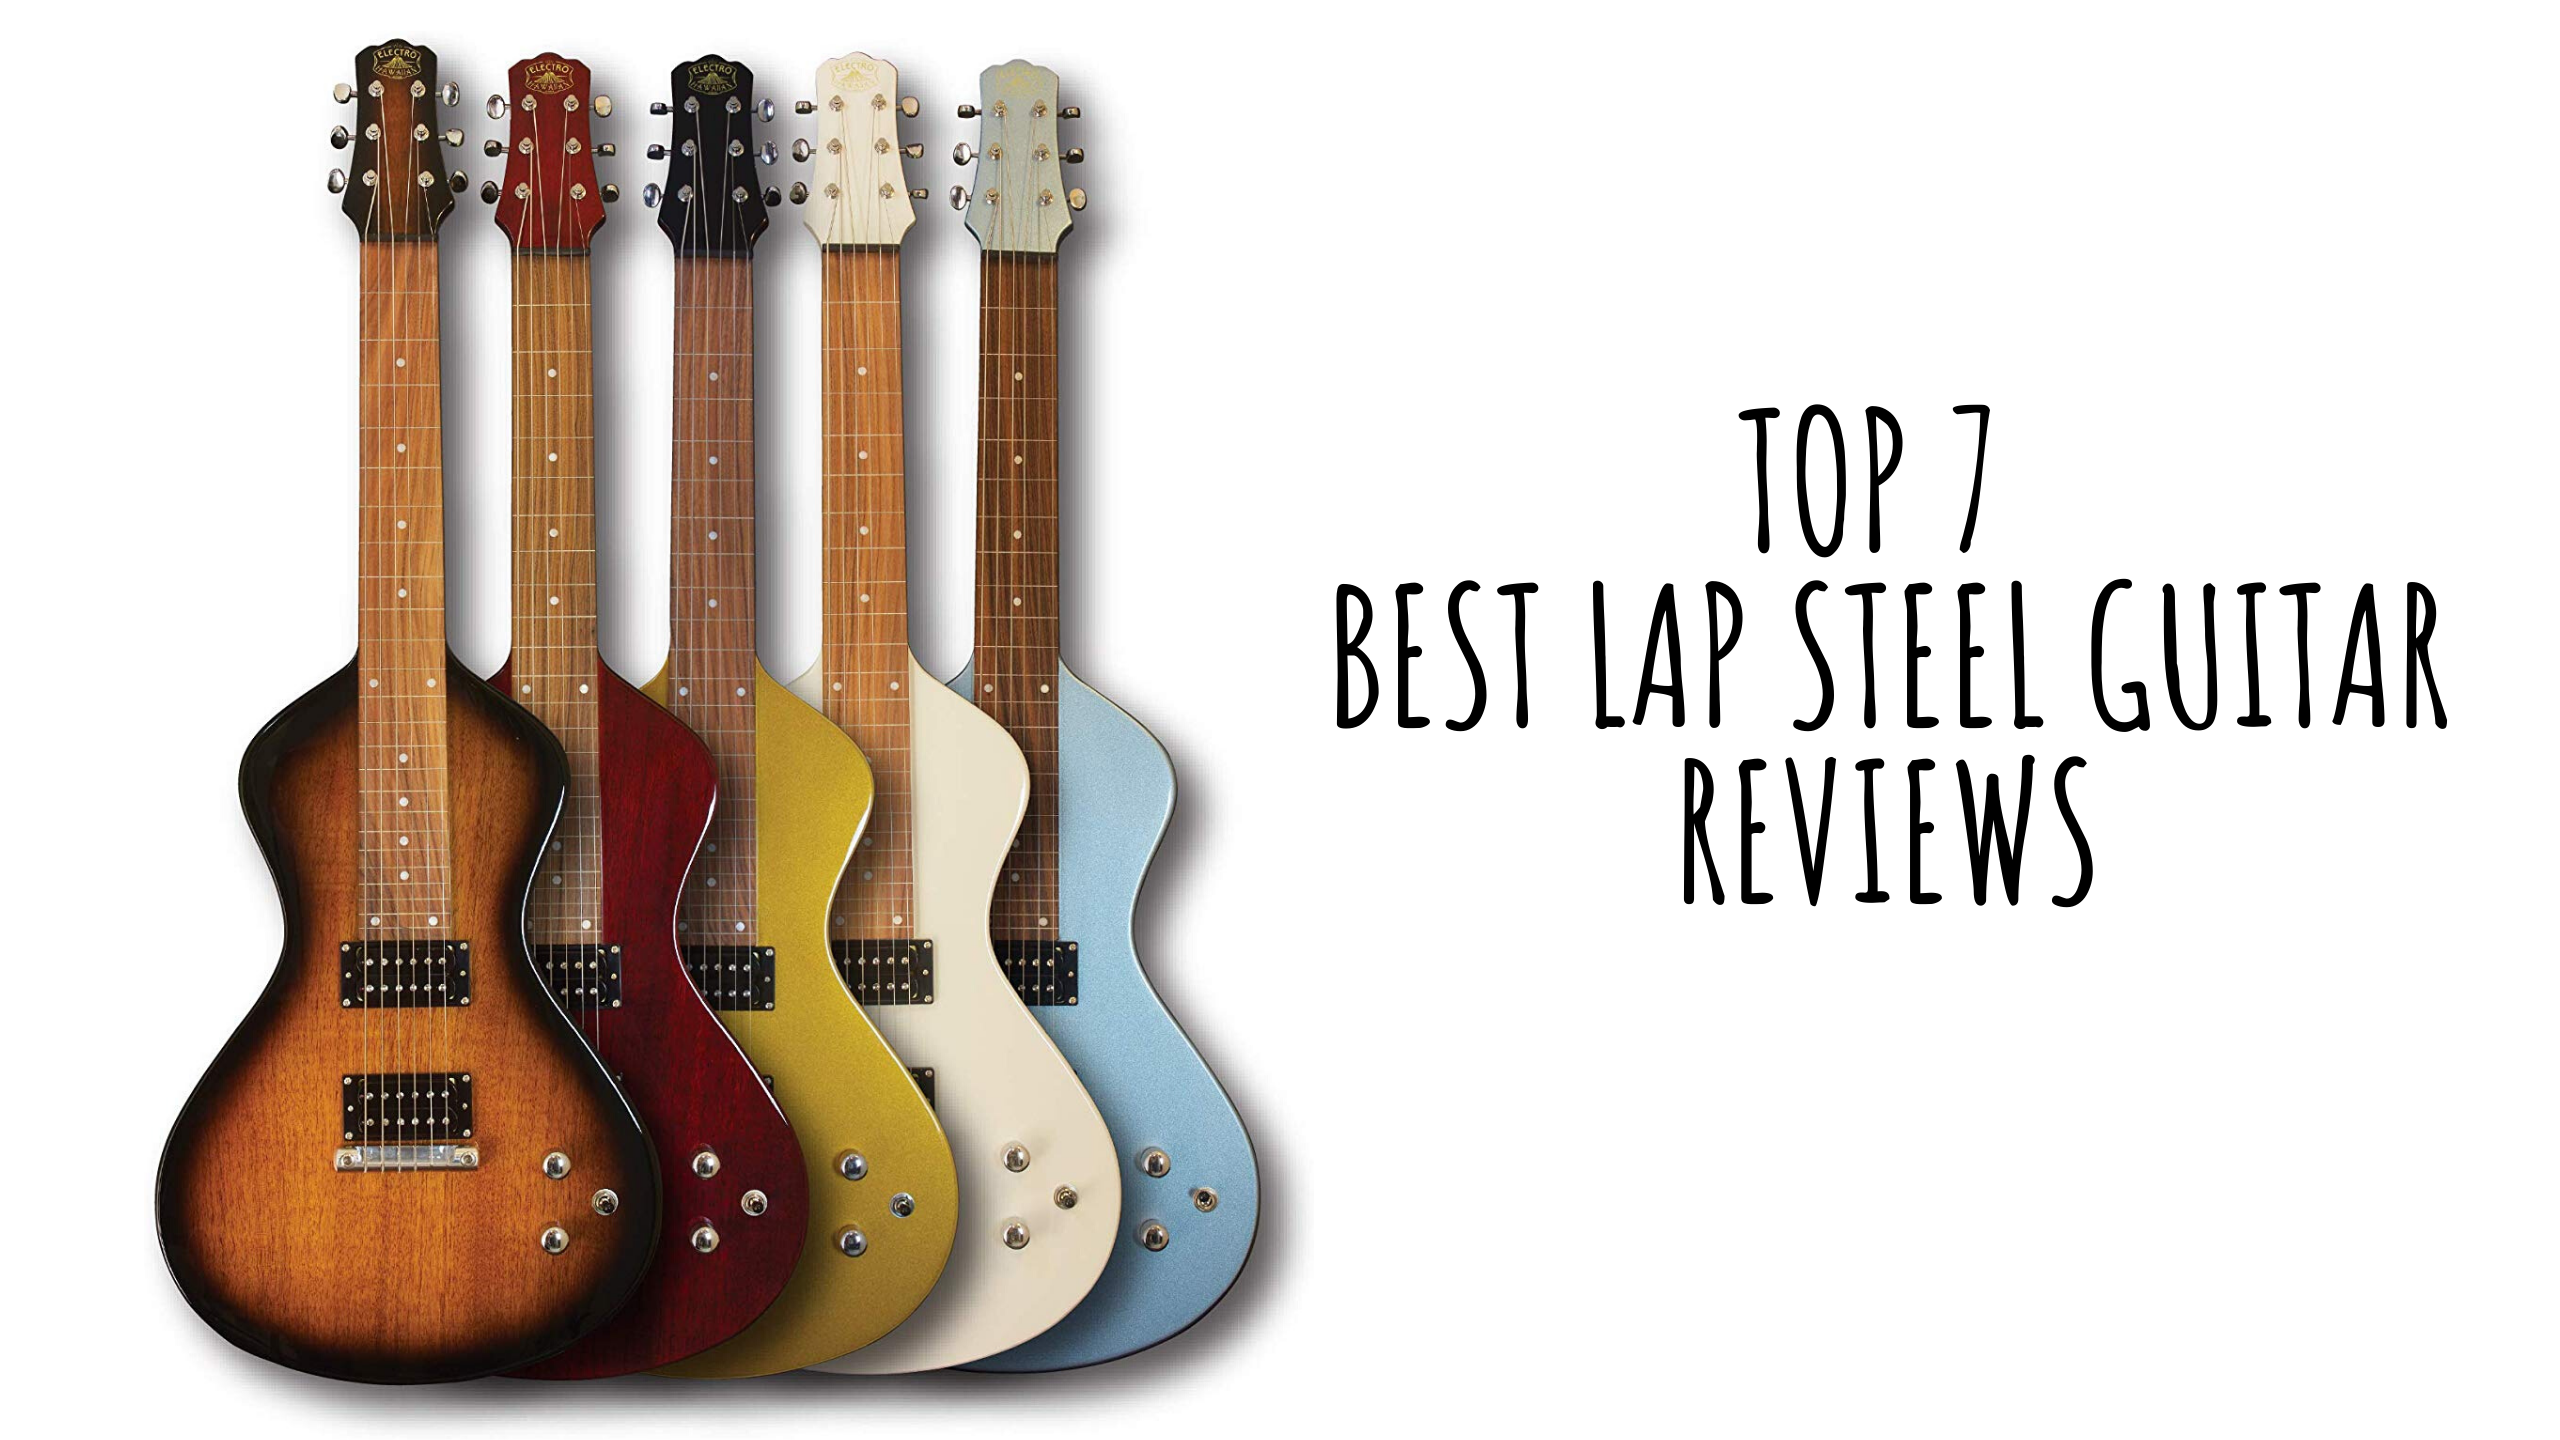 Top 7 Best Lap Steel Guitar In 2021 Reviews